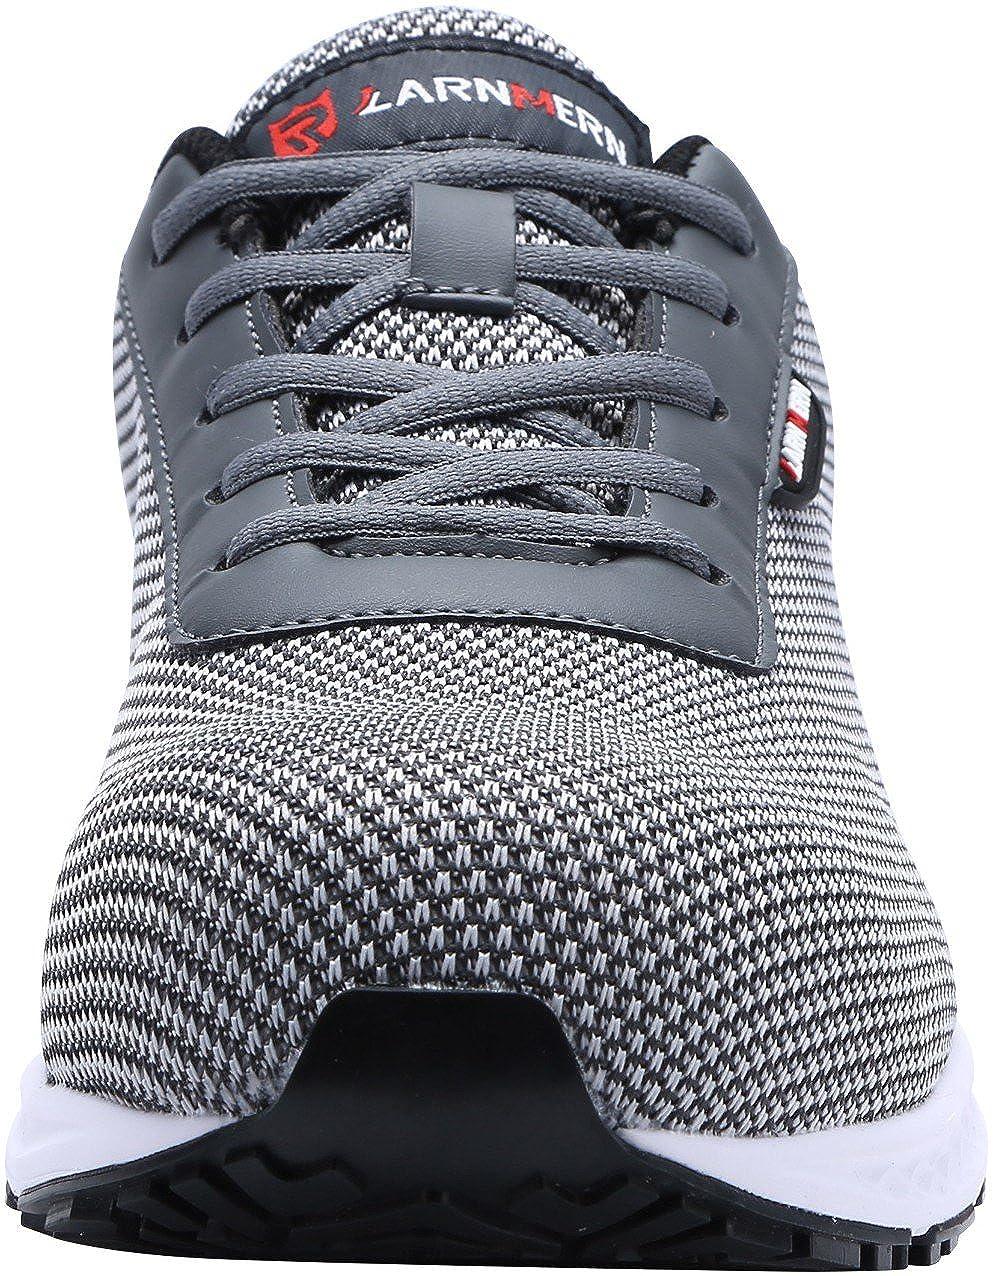 S1 Gris, 46 EU LM-30 Zapatillas de Trabajo con Punta de Acero Ultra Liviano Reflectivo Transpirable Zapatos de Seguridad Hombres